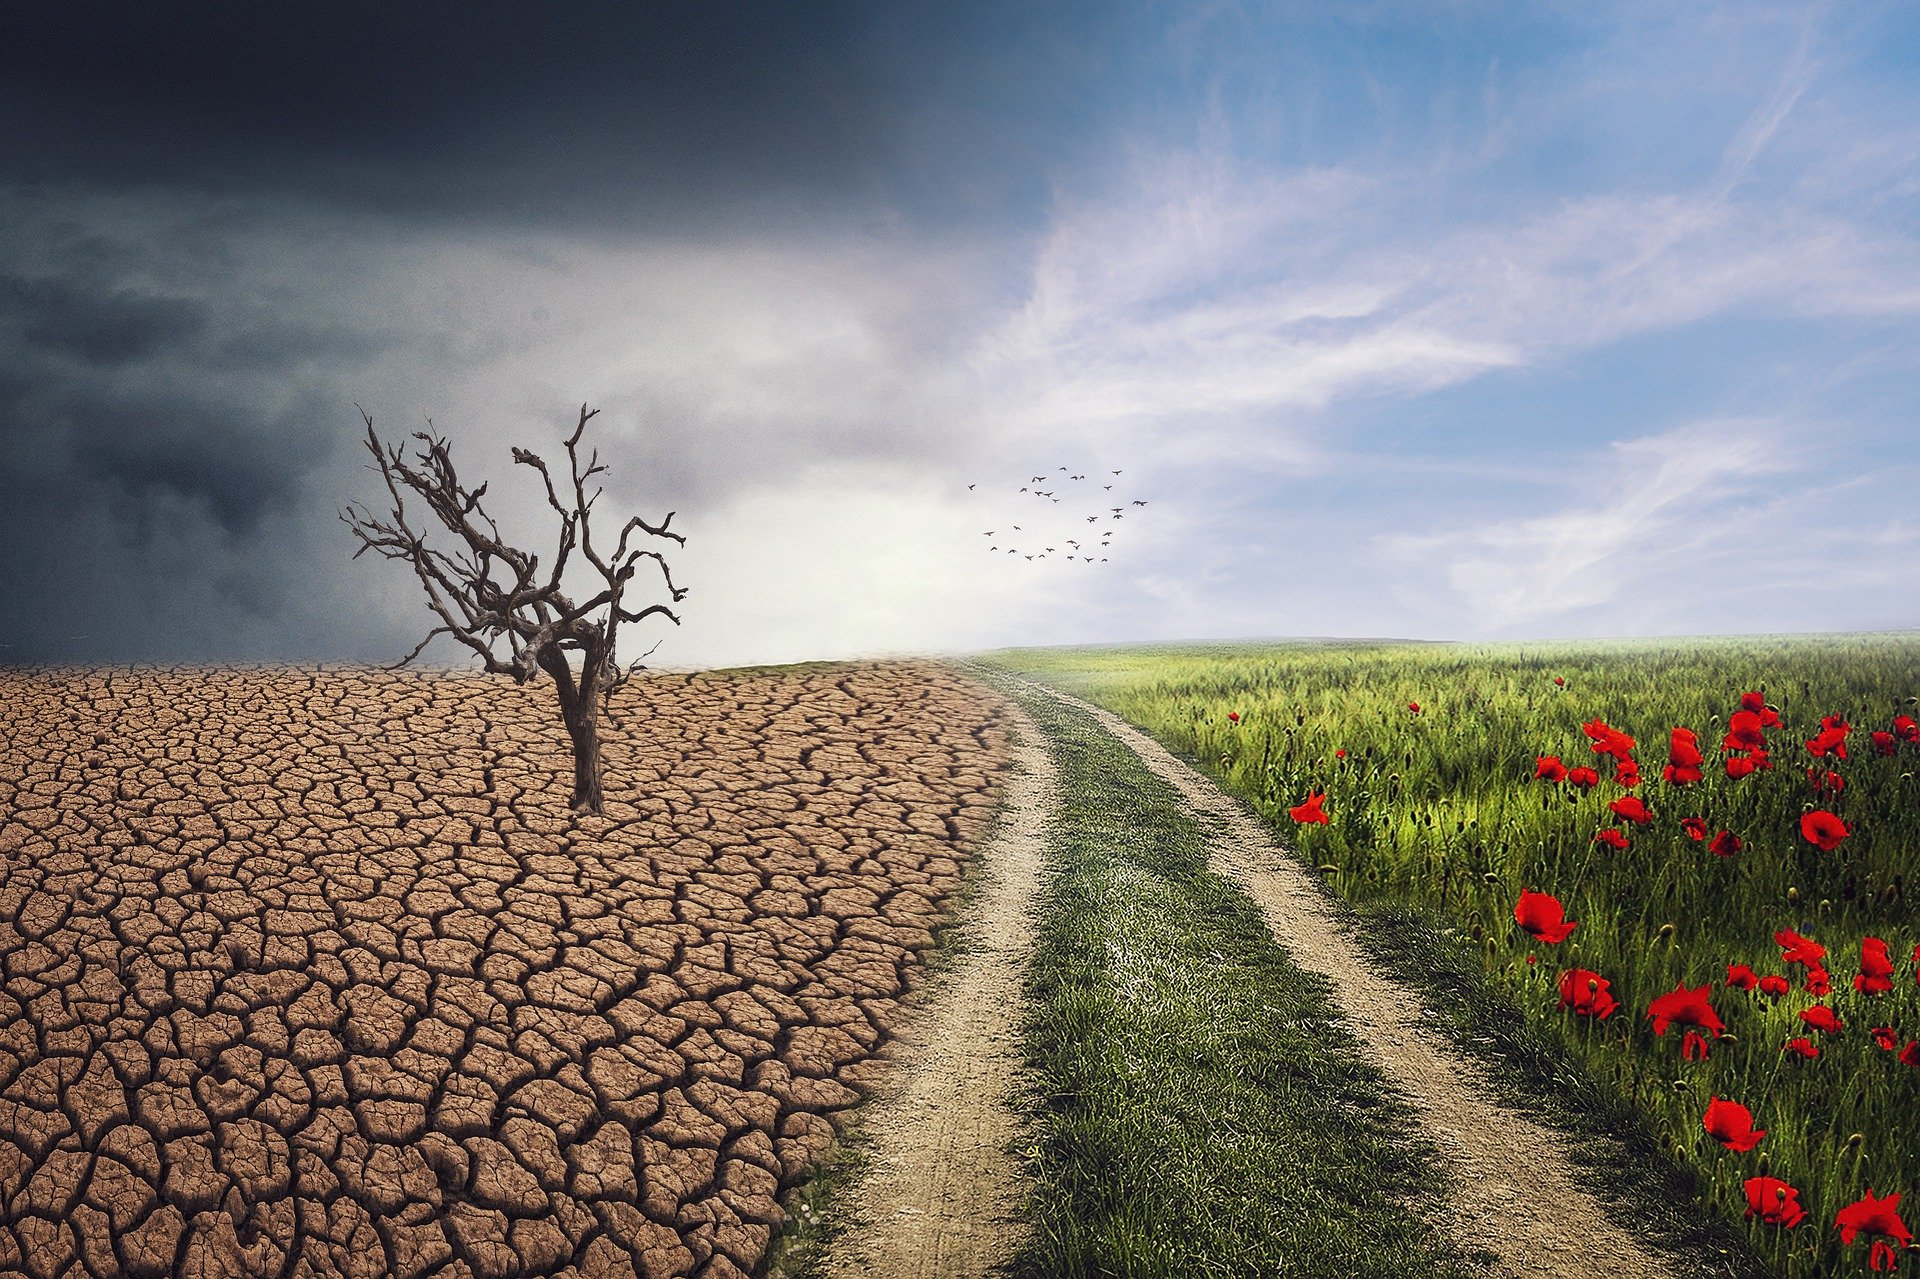 Zmiany w życiu – jak sobie z nimi radzić?